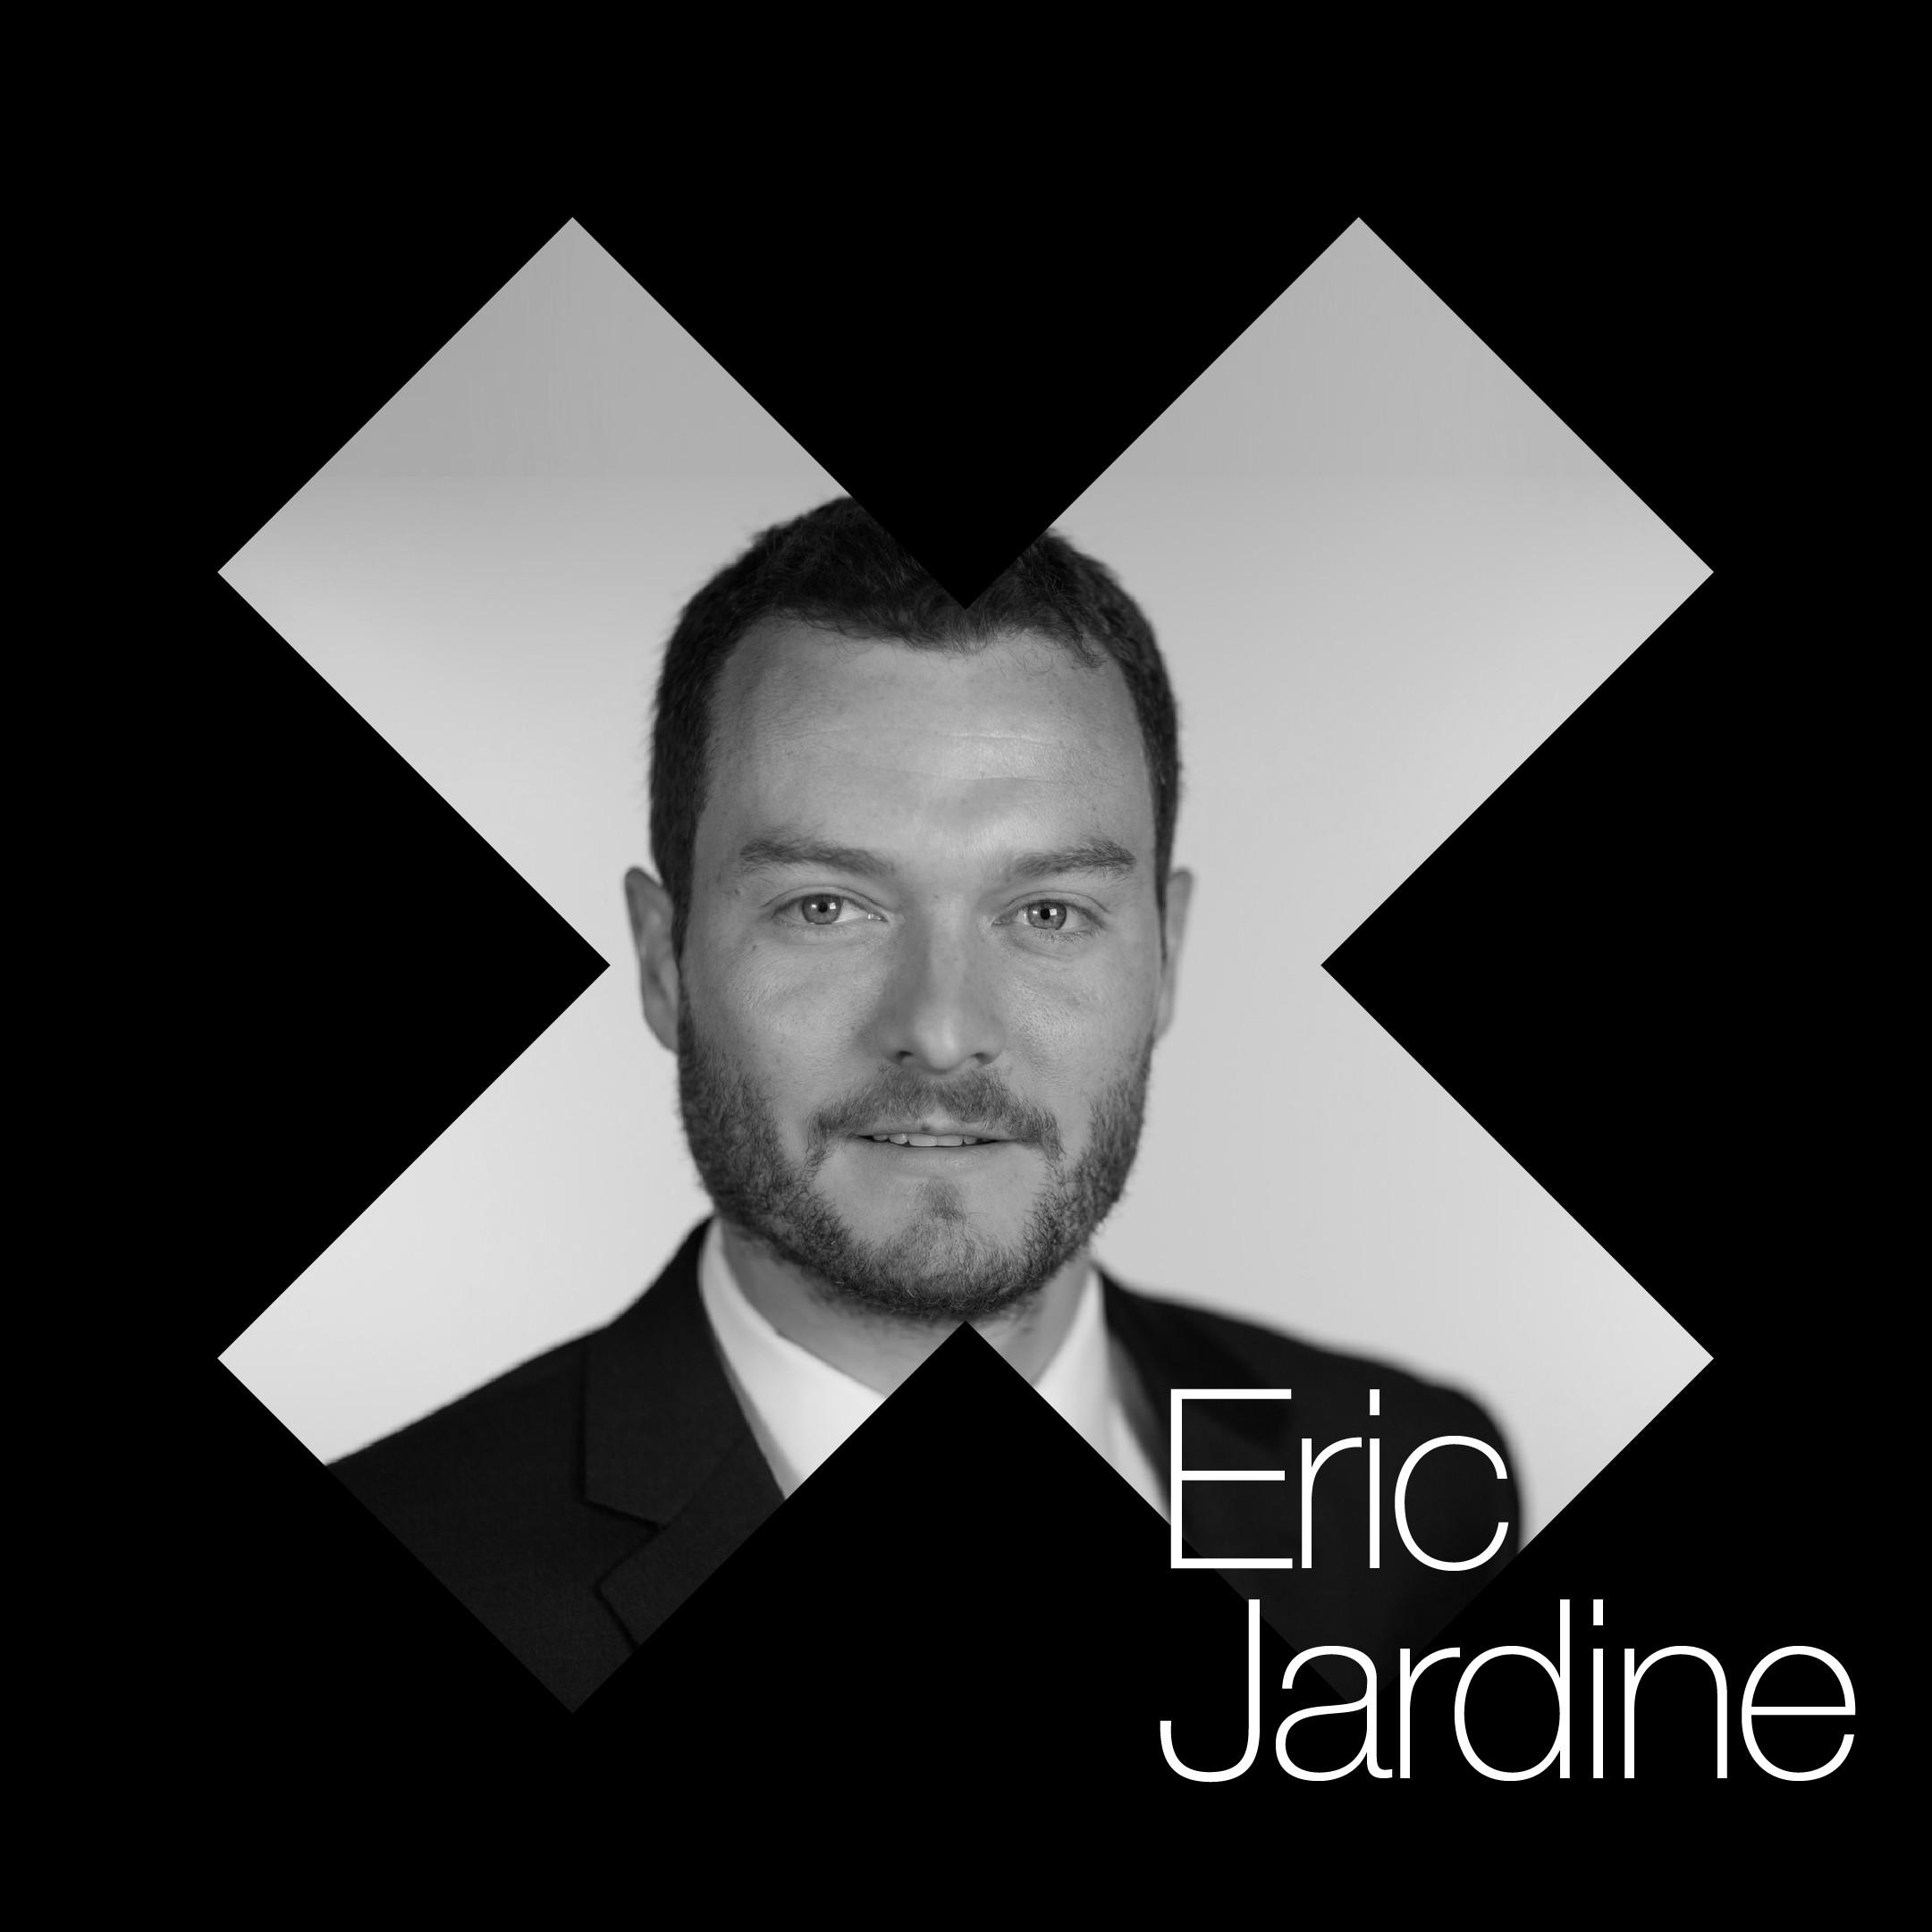 Eric Jardine   The Dark Web Dilemma